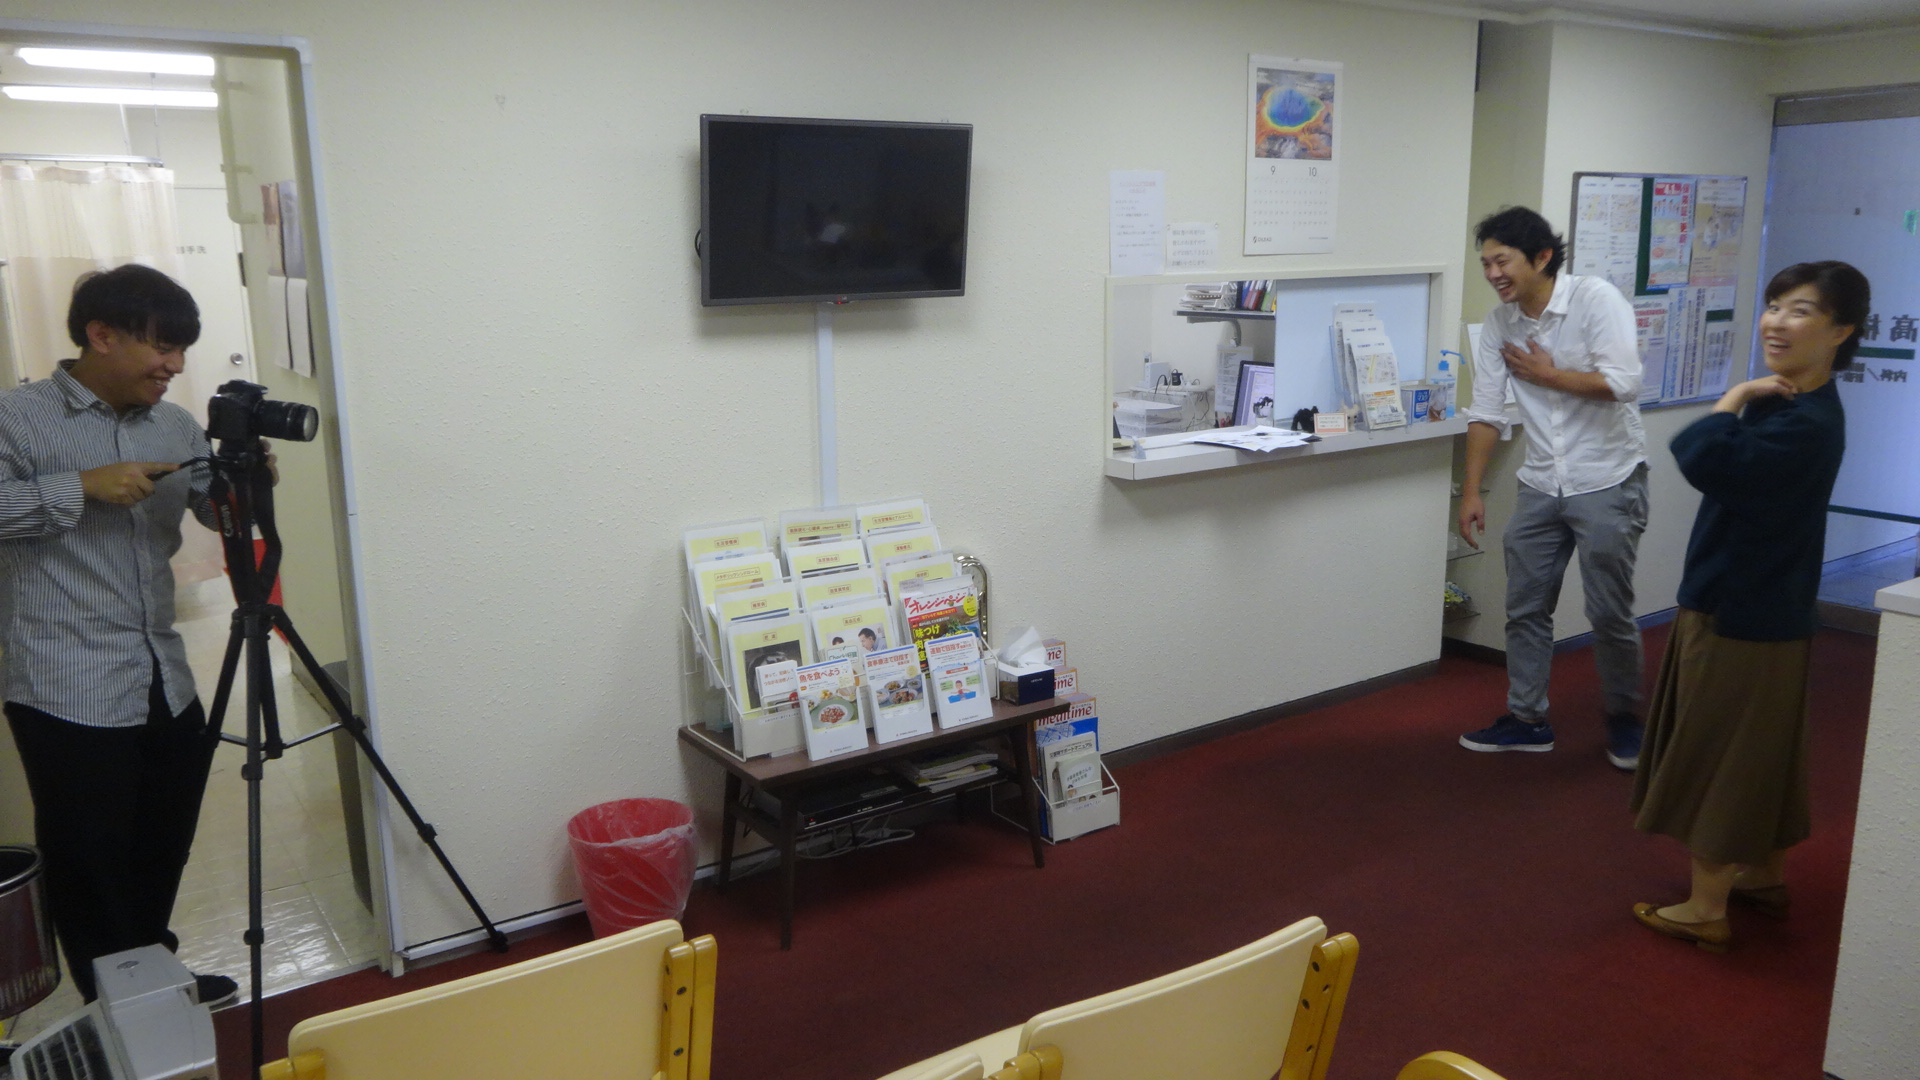 待合室での撮影風景